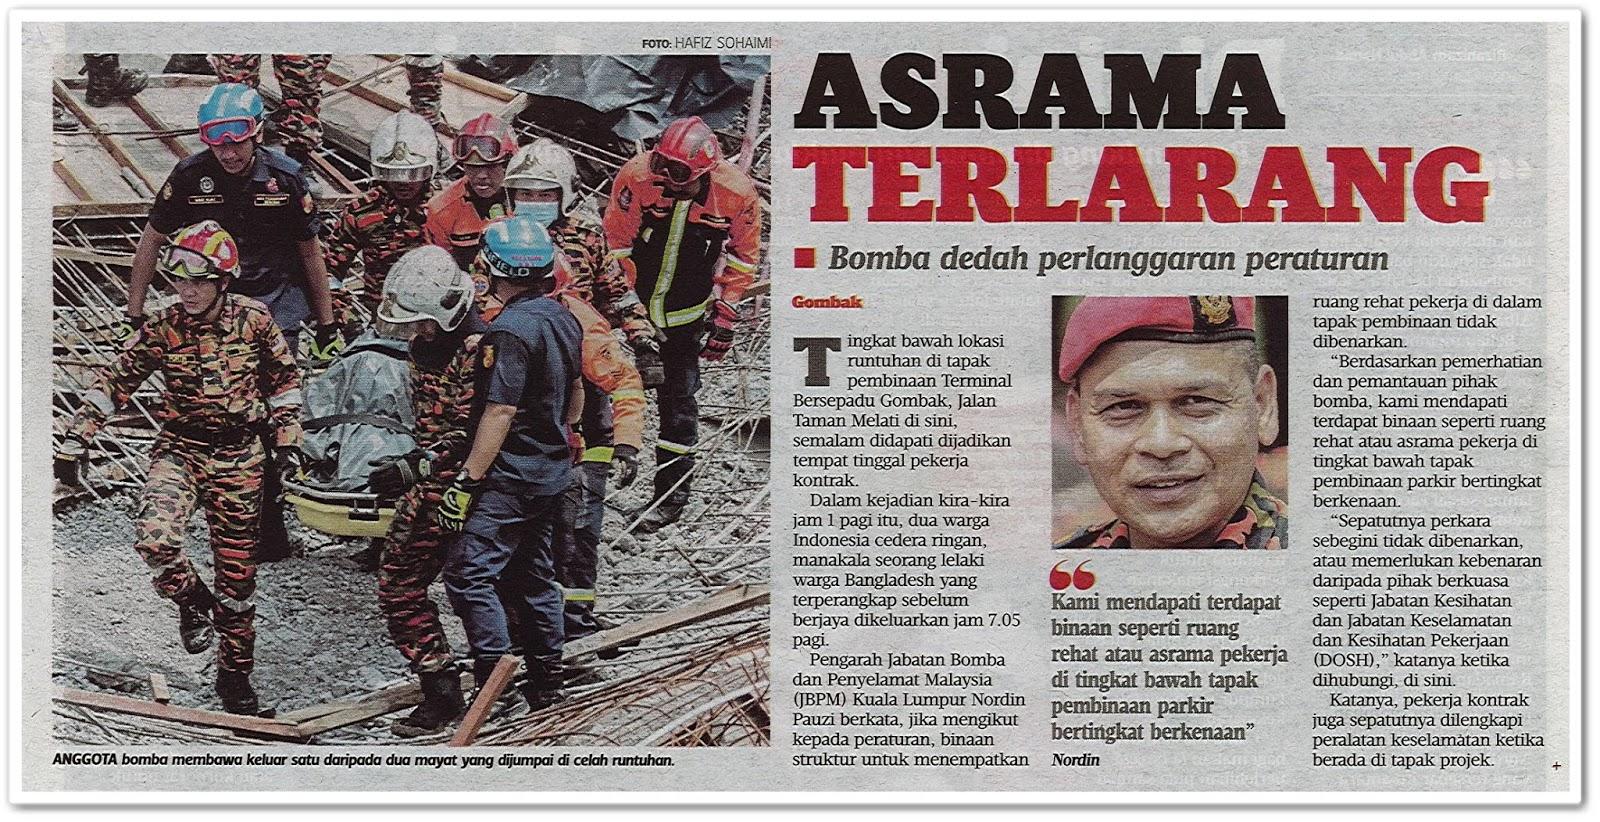 Asrama terlarang ; Bomba dedah perlanggaran peraturan - Keratan akhbar Harian Metro 24 Mei 2019